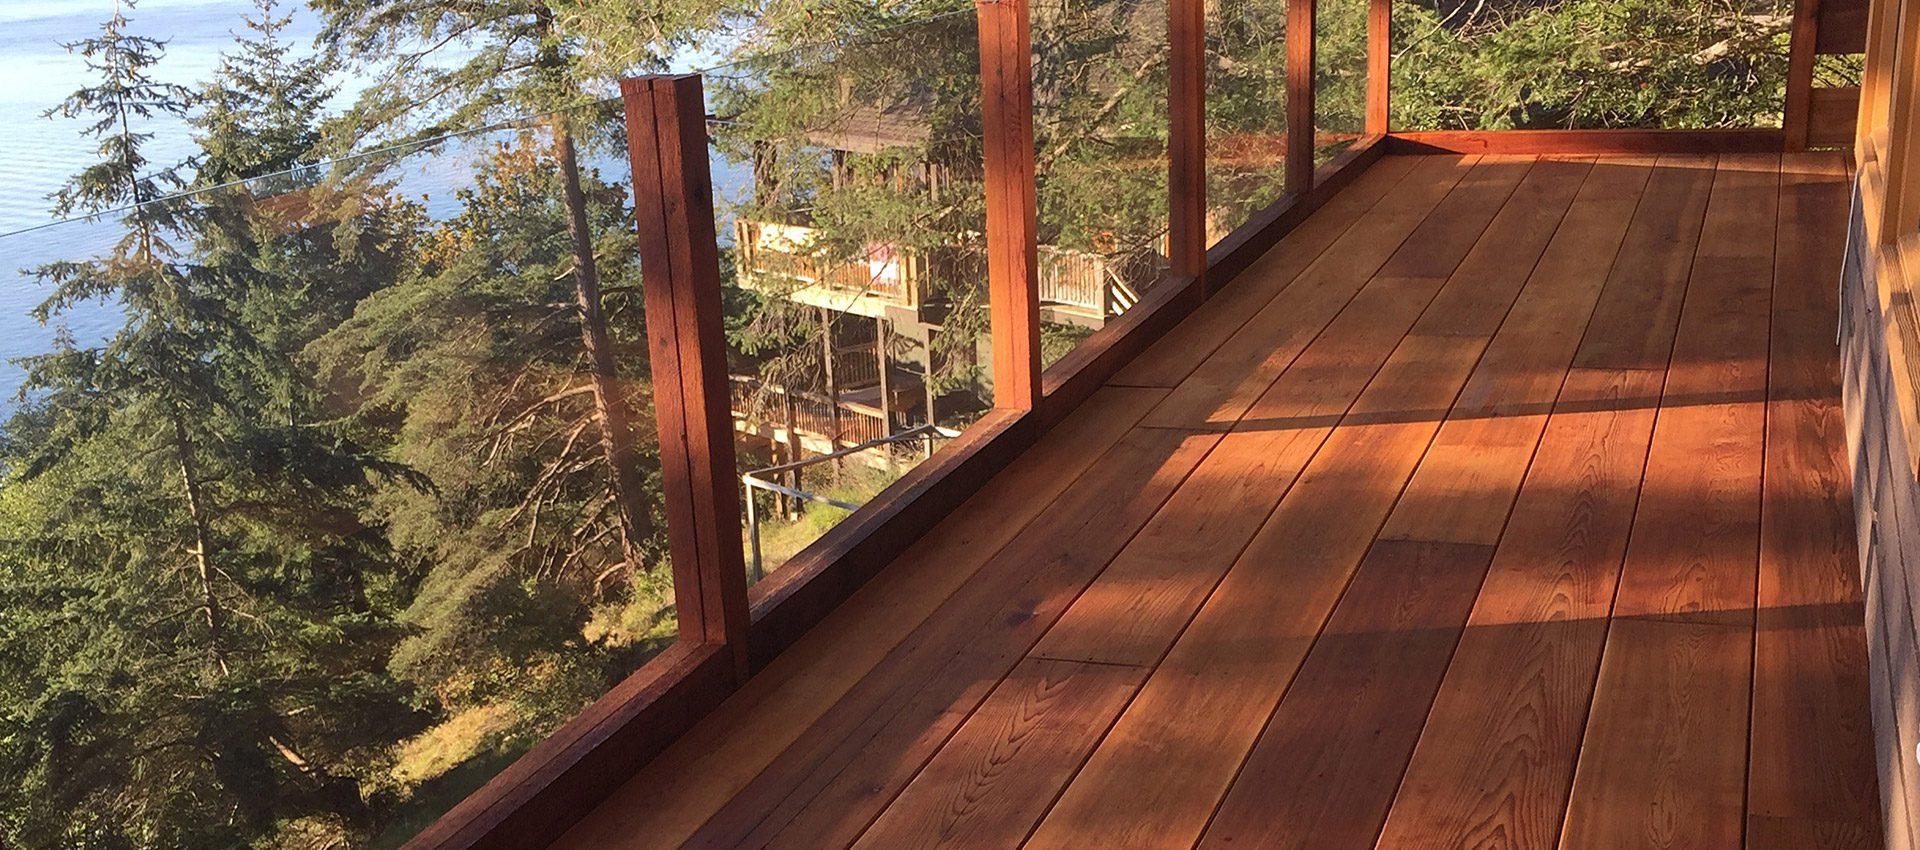 Western Red Cedar Decking   Western Red Cedar Lumber   Western Red Cedar Wood   Cedar Distributor New England